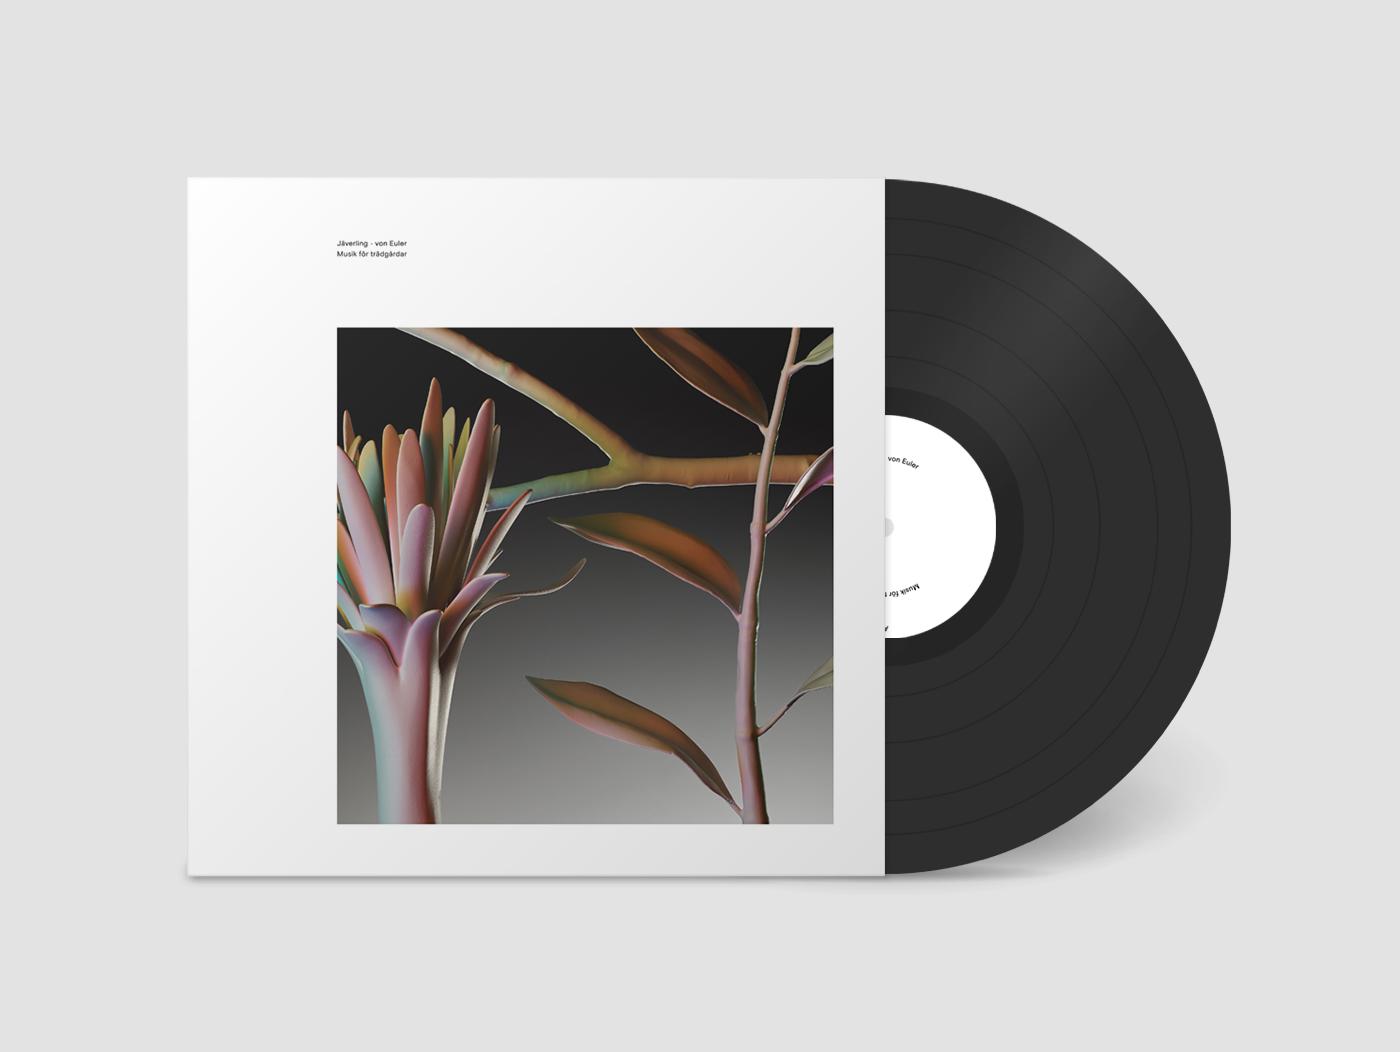 Cover for the LP Musik för trädgårdar by Jäverling ◇ von Euler